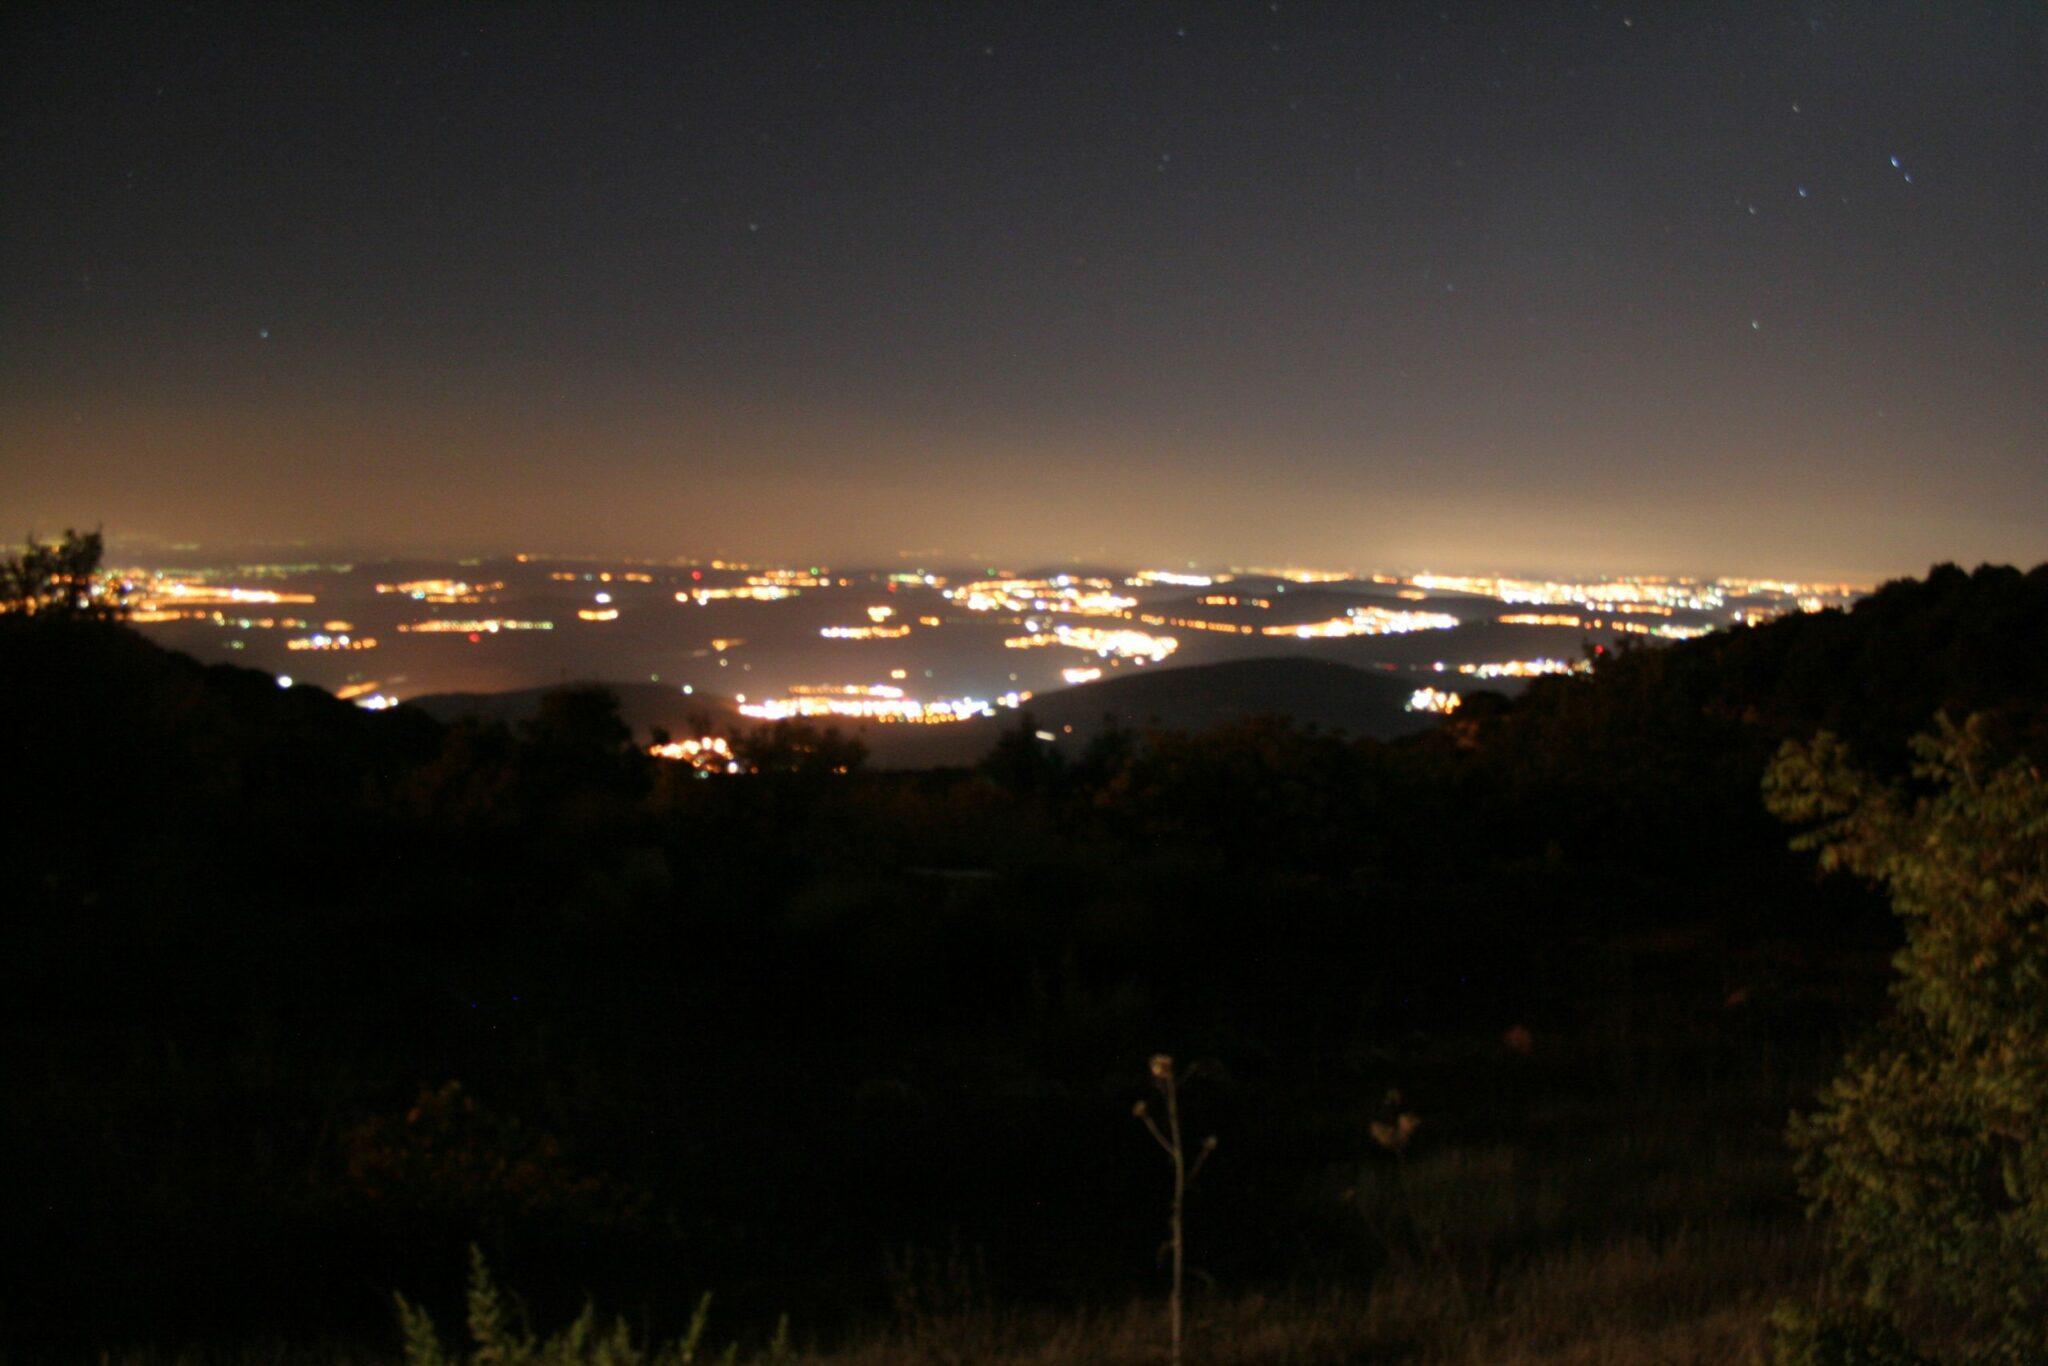 זיהום אור באזור מירון